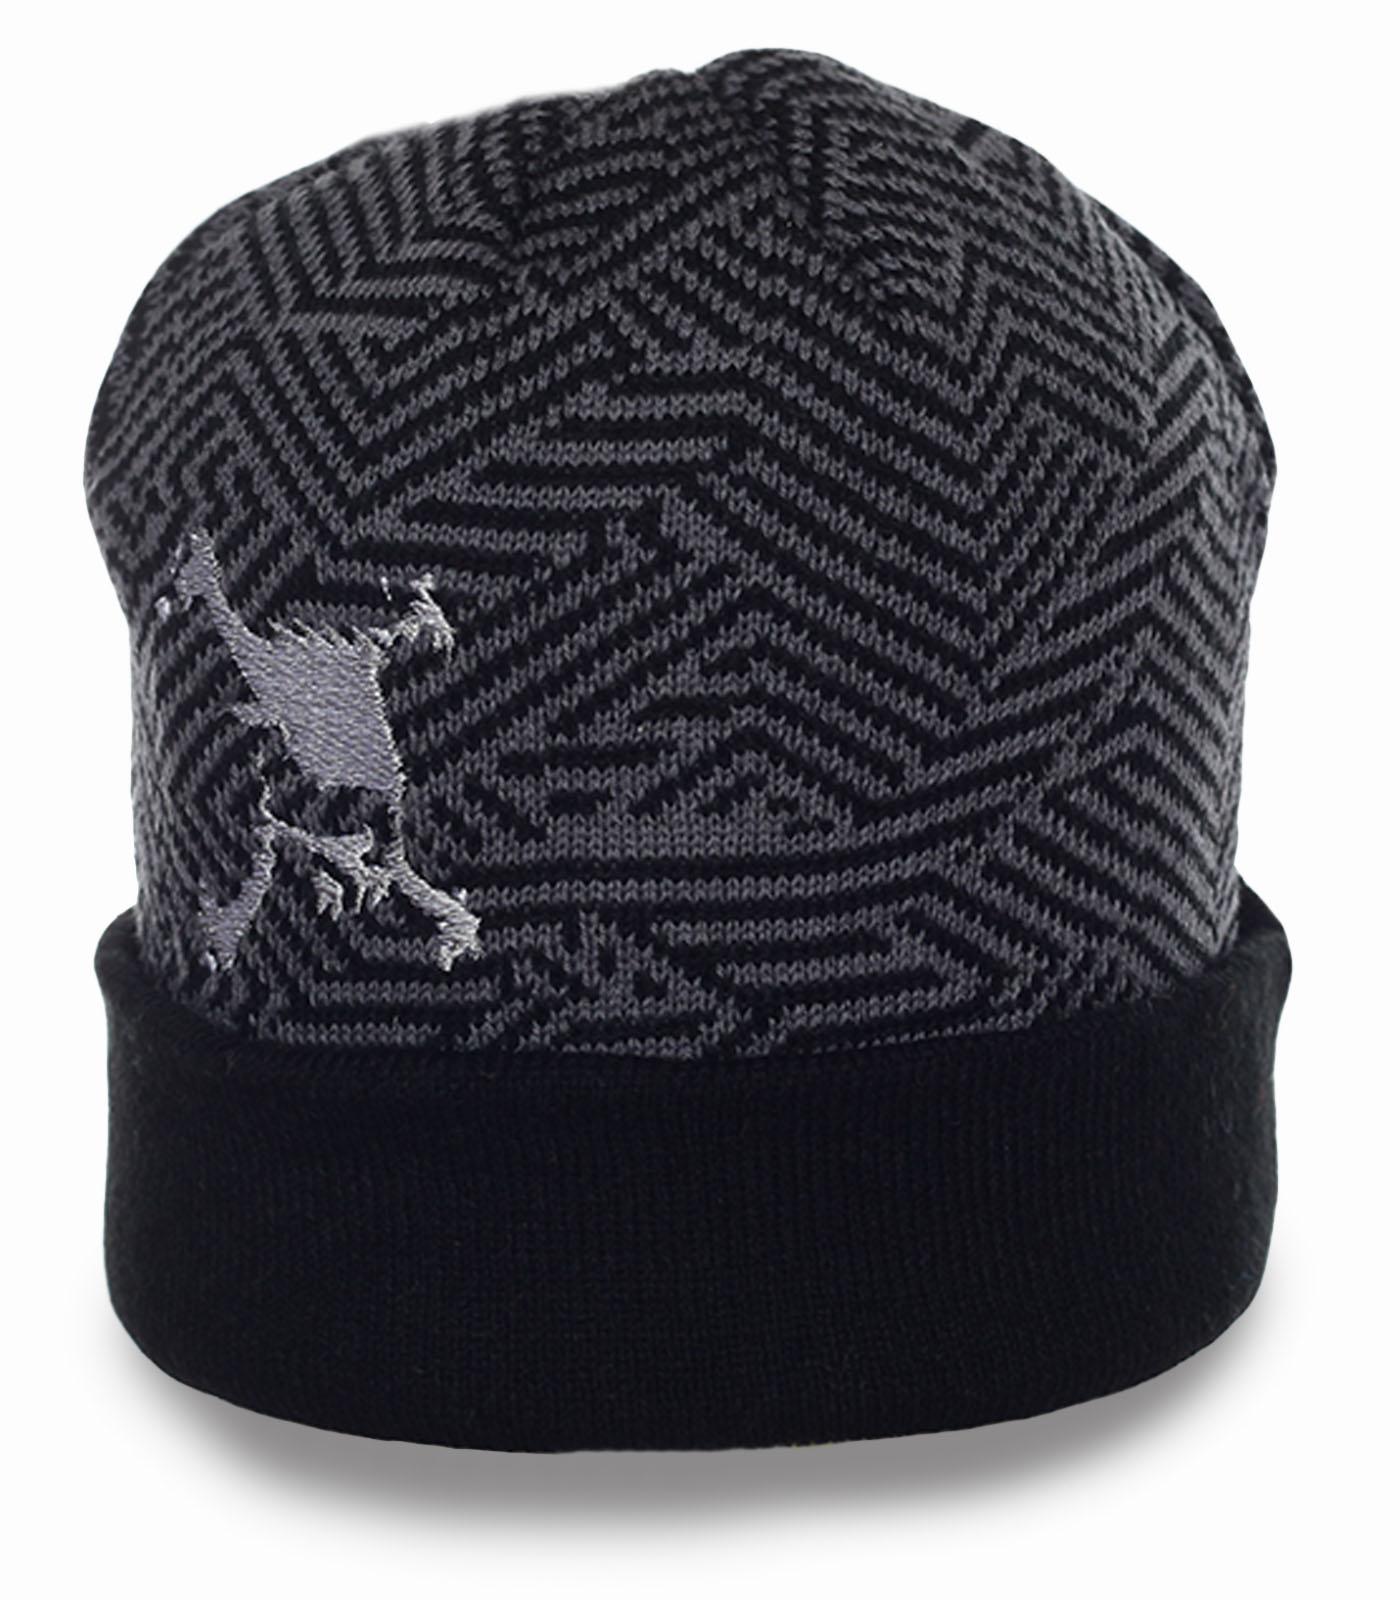 Практичная мужская шапка на каждый день. Теплый головной убор на каждый день и не только